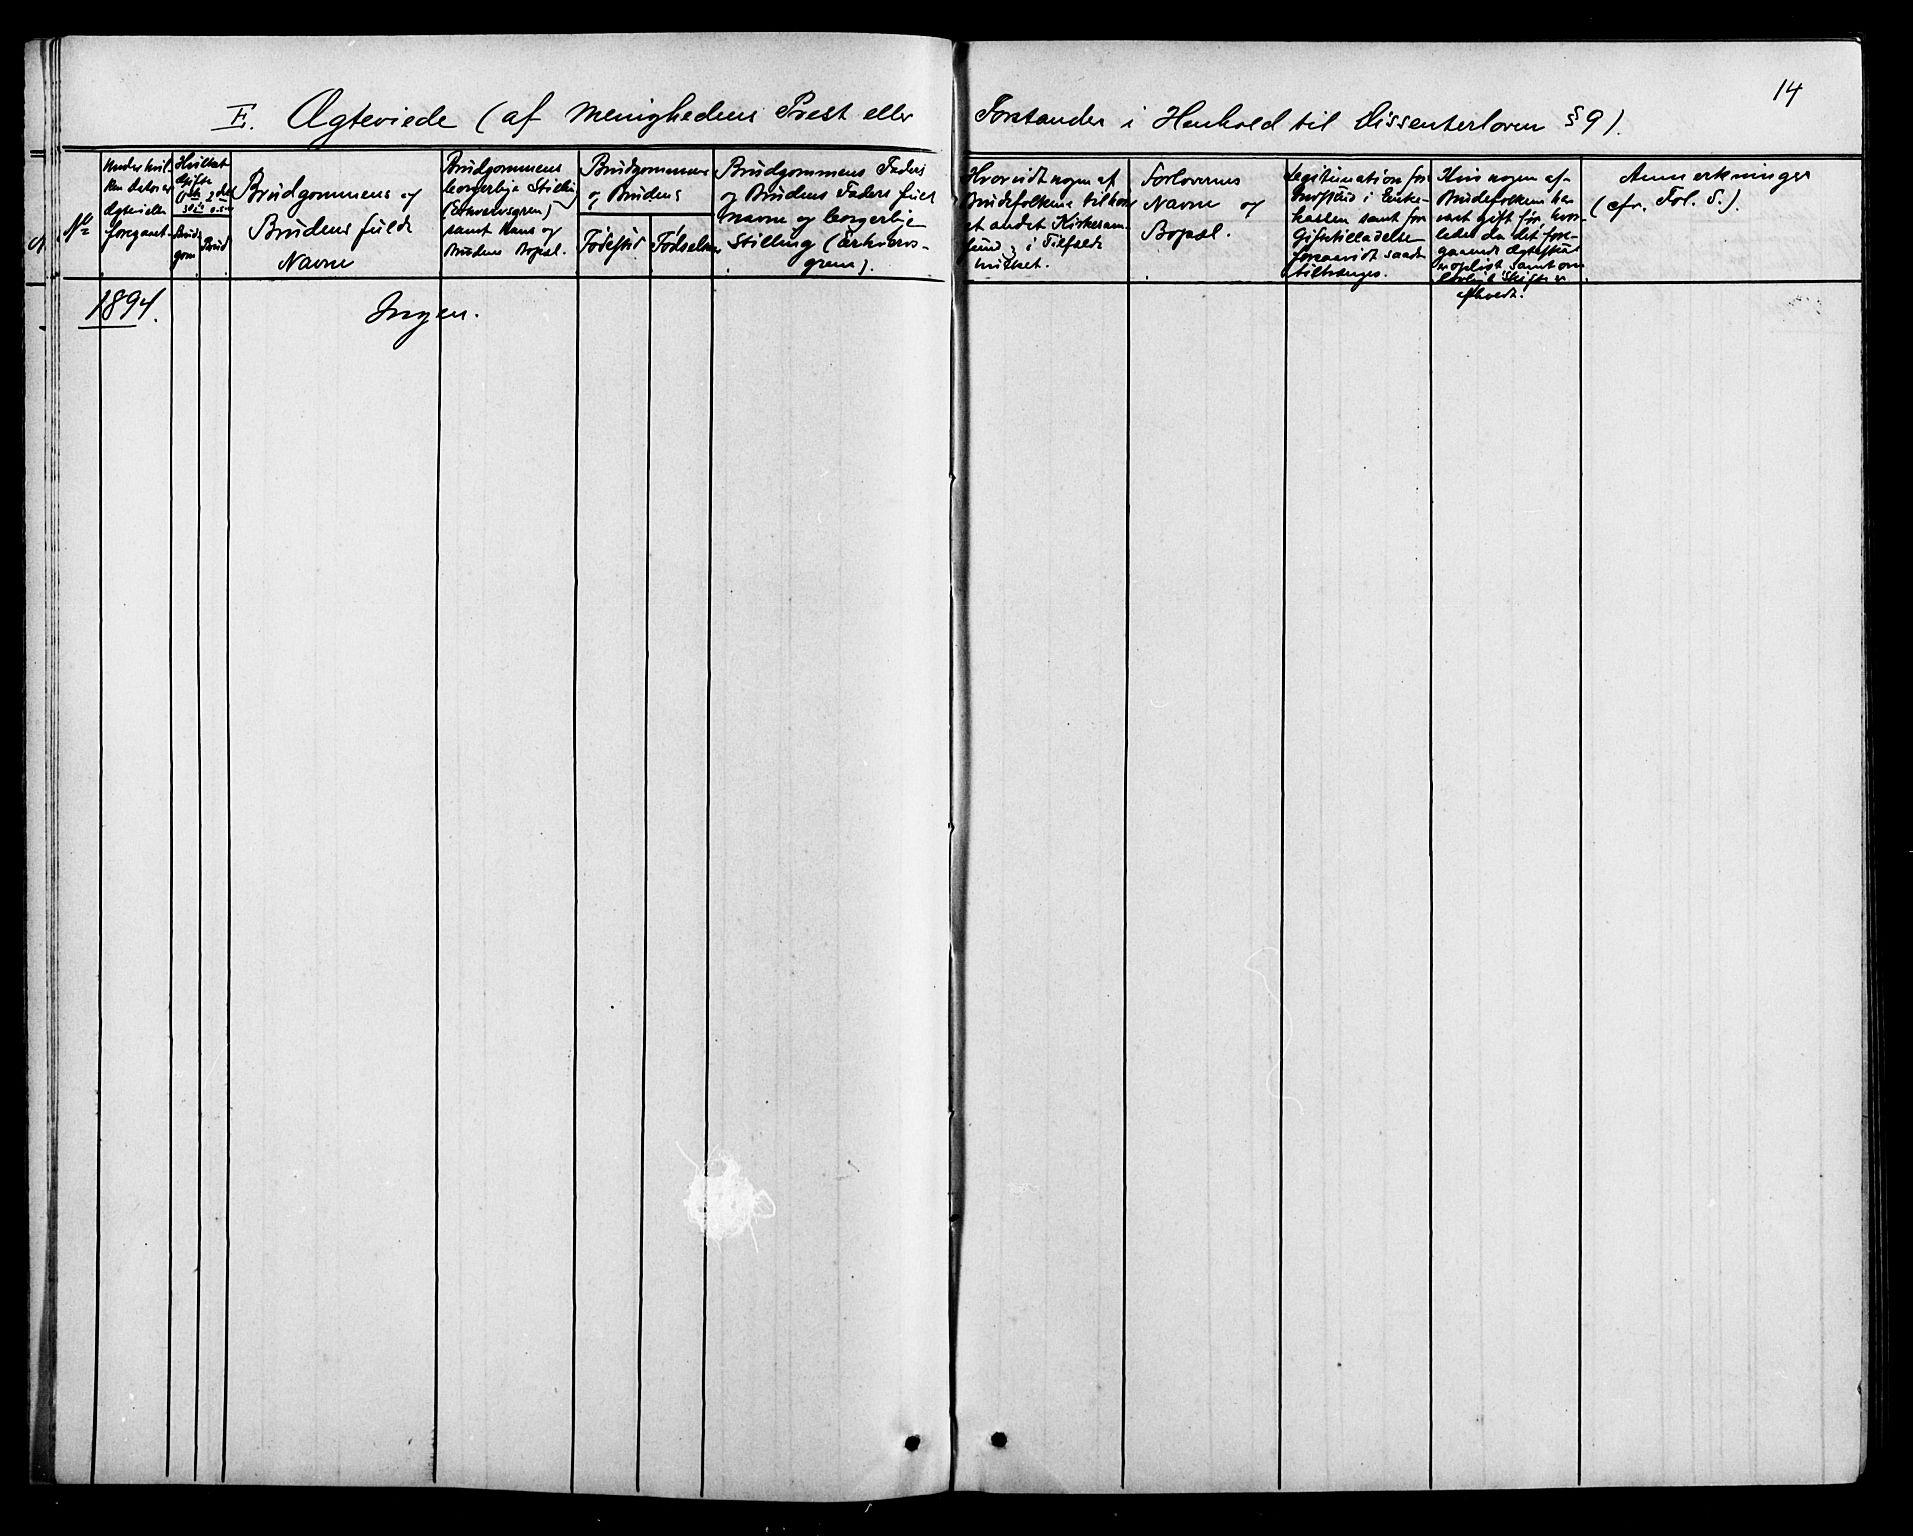 SAK, Baptistmenigheten i Tvedestrand, F/Fa/L0002: Dissenterprotokoll nr. F 1, 1892-1895, s. 14